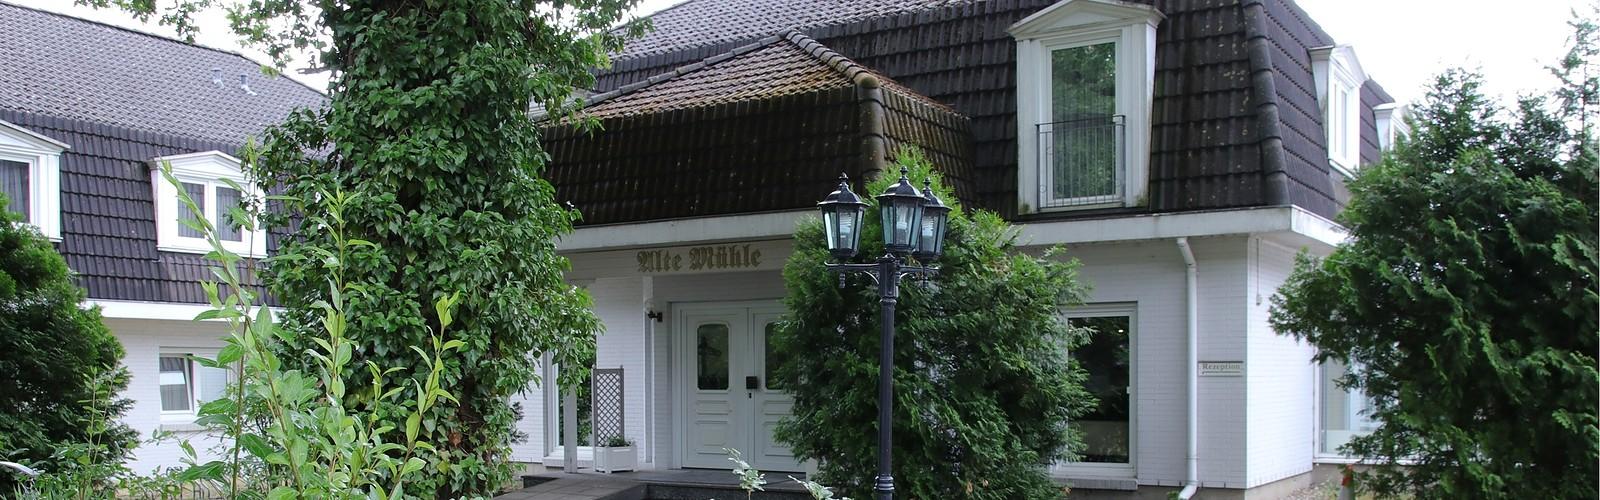 Hotel Alte Mühle, Aussenanlage, Foto: Hotel Alte Mühle